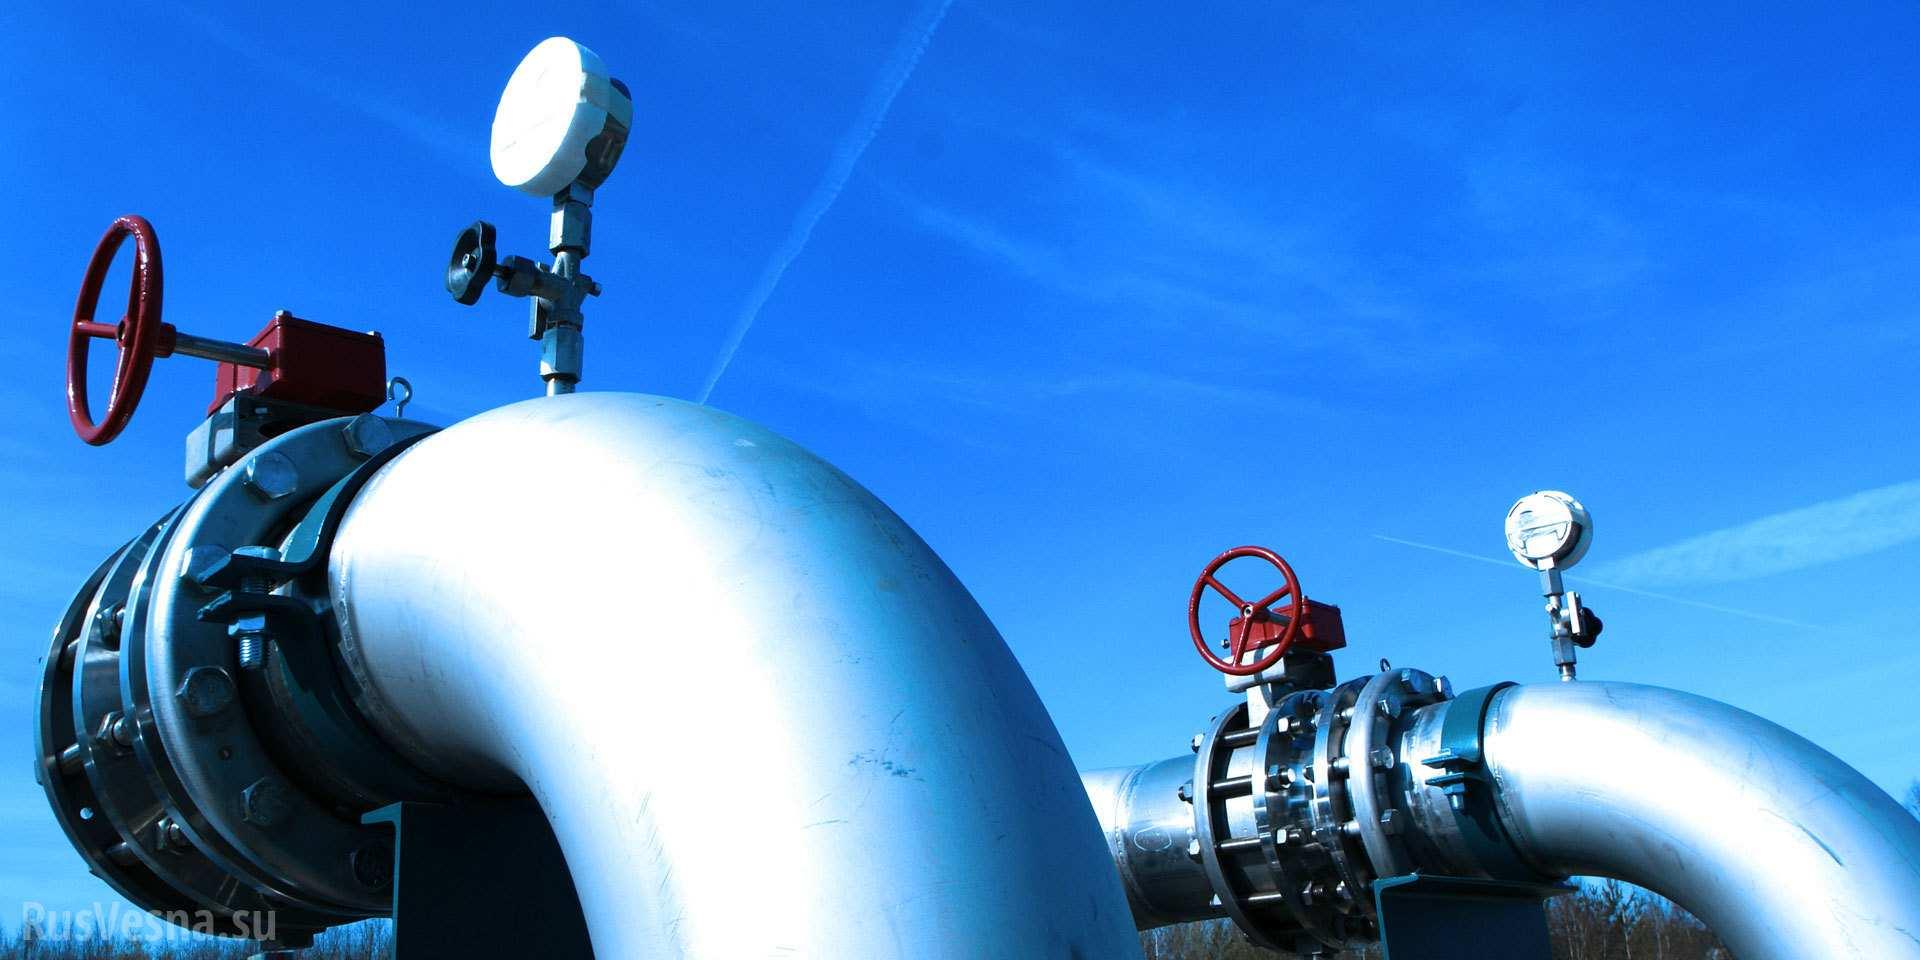 Течни природни гас из САД не може да доминира на европском тржишту